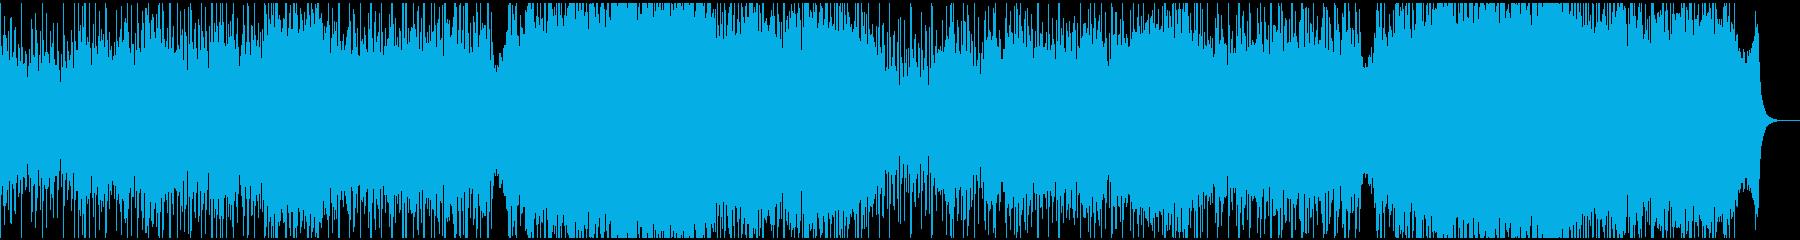 臨場感、迫力あるオーケストラの再生済みの波形